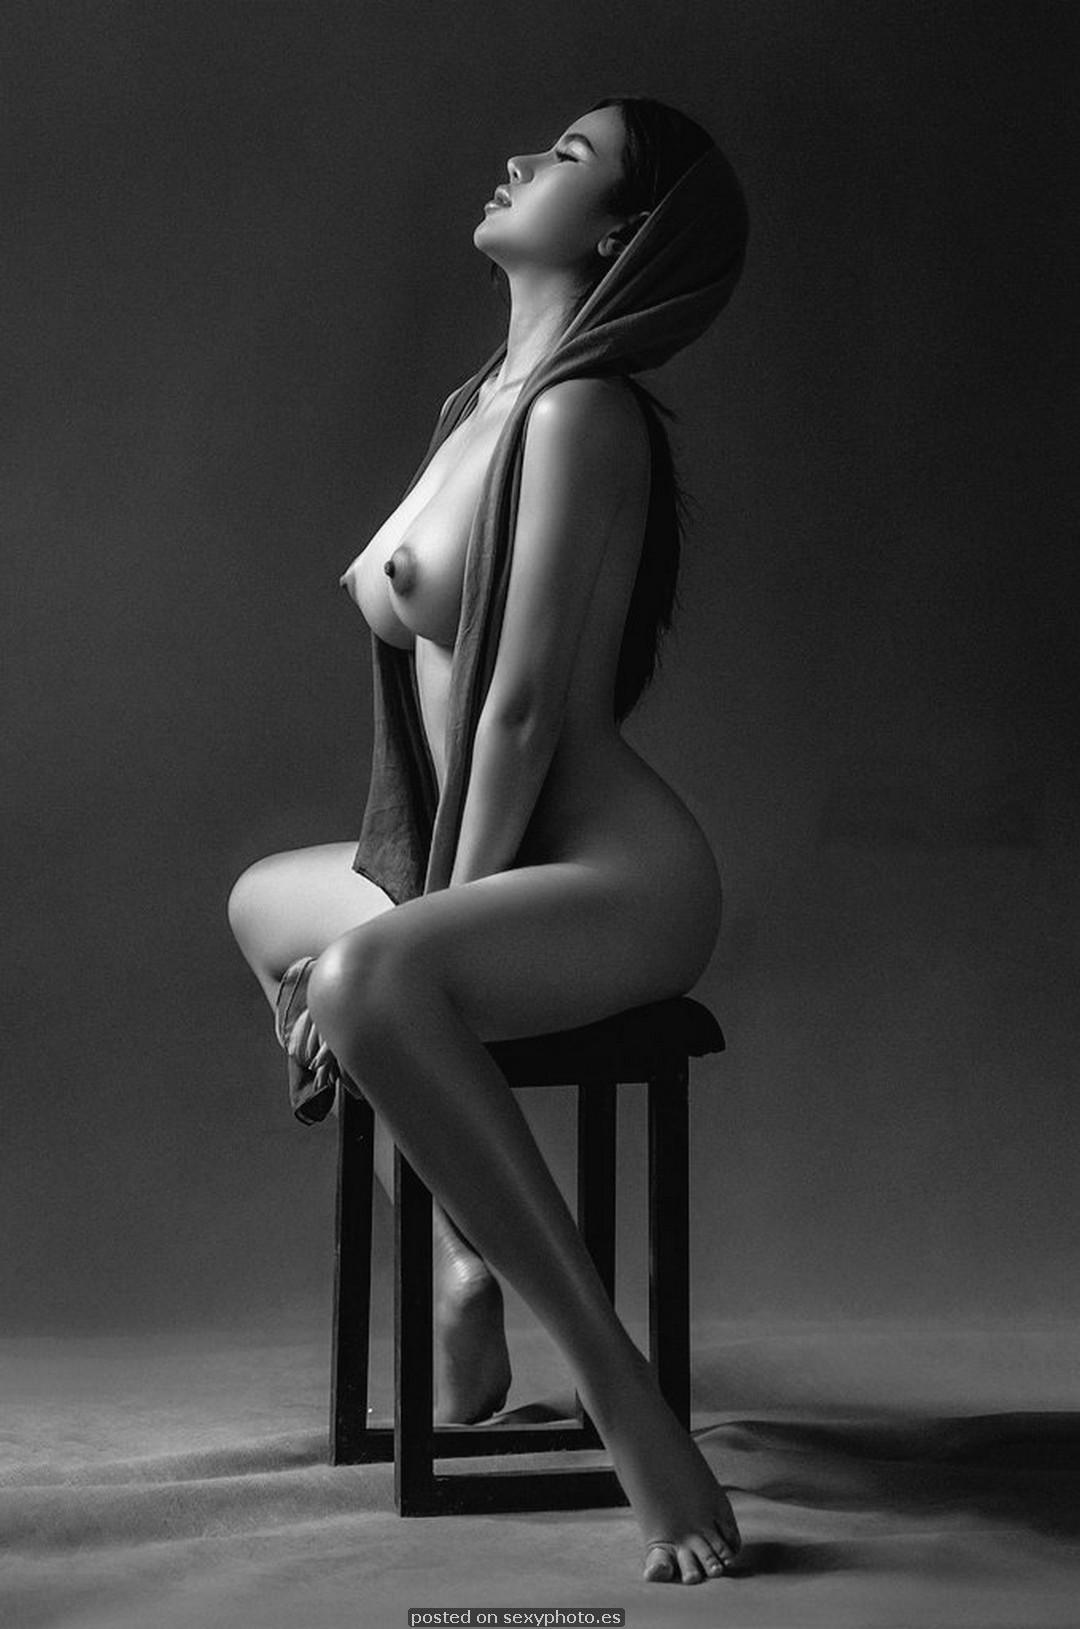 black friday- sado-hard sex - fotos provocadoras